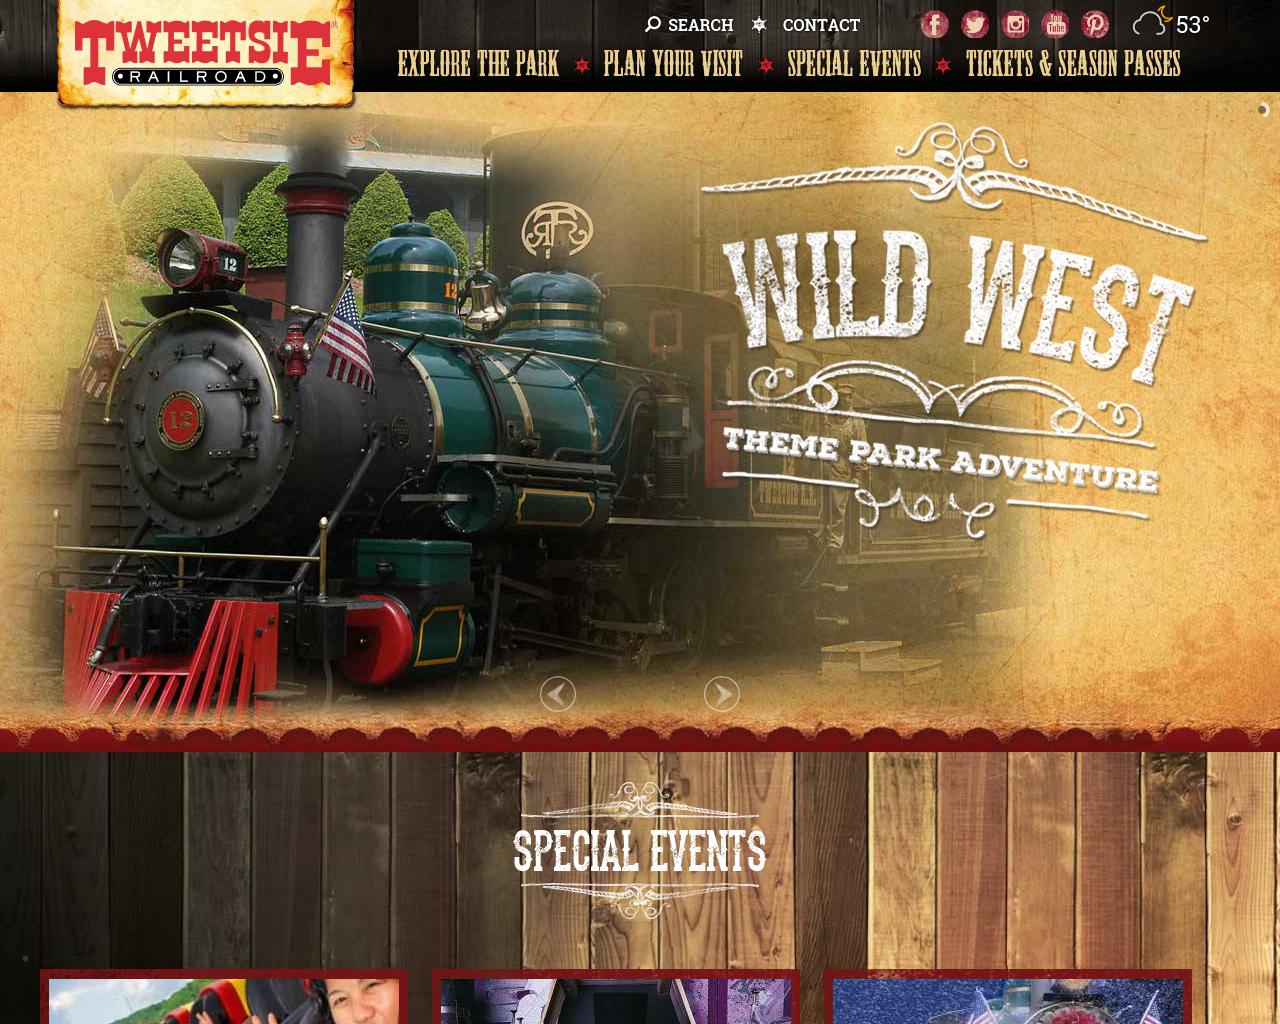 Tweetsie-Railroad-Advertising-Reviews-Pricing